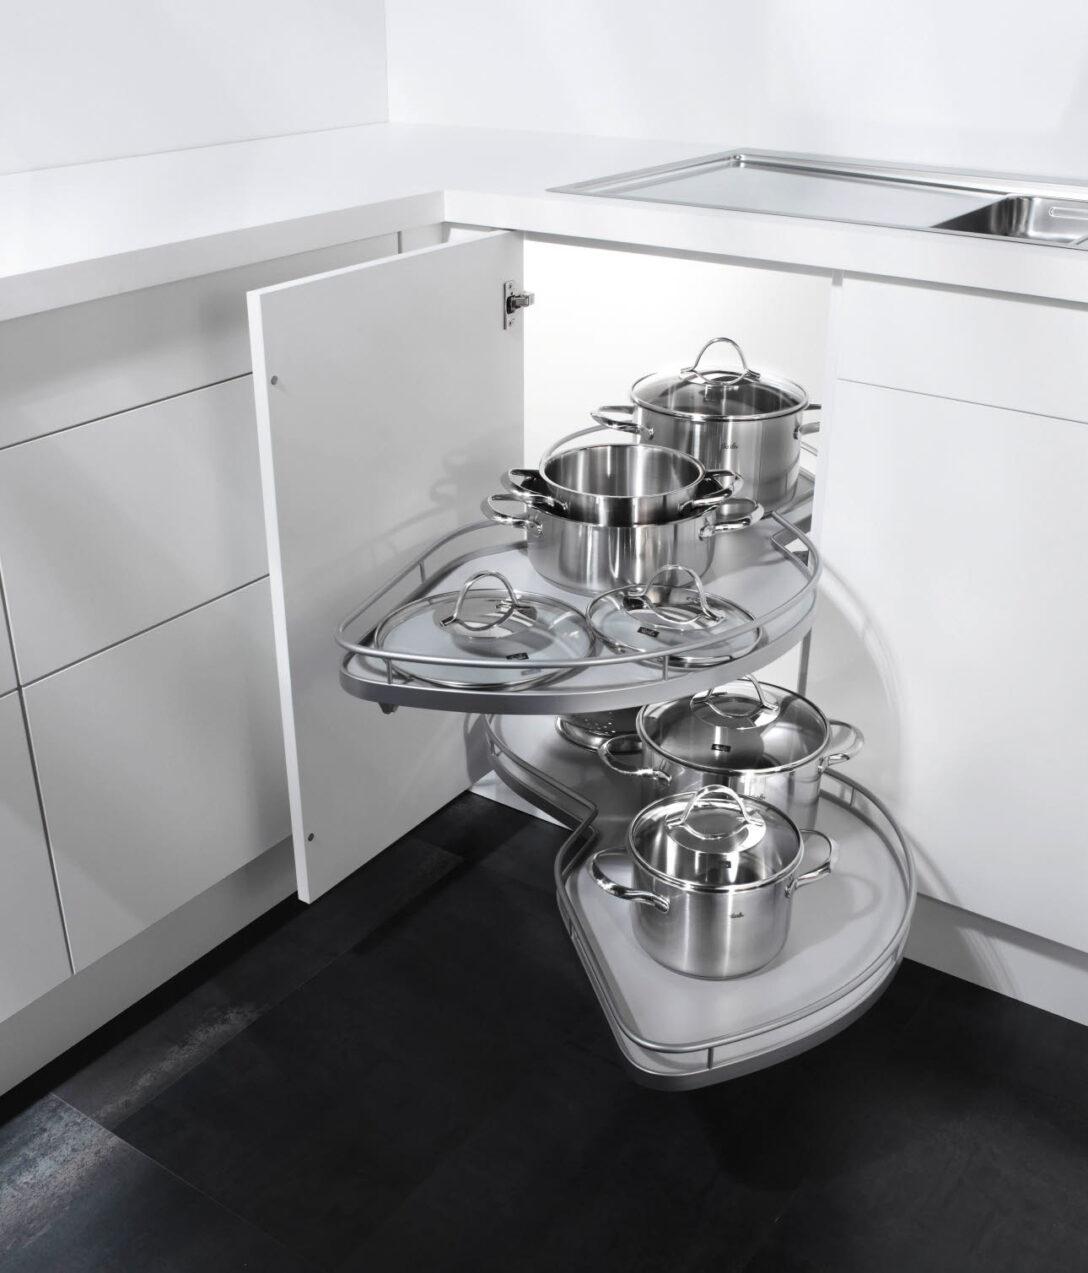 Full Size of Küchenkarussell Blockiert Eckschrank Kche Karussell Ersatzteile Rondell Im Unterbau Defekt Wohnzimmer Küchenkarussell Blockiert